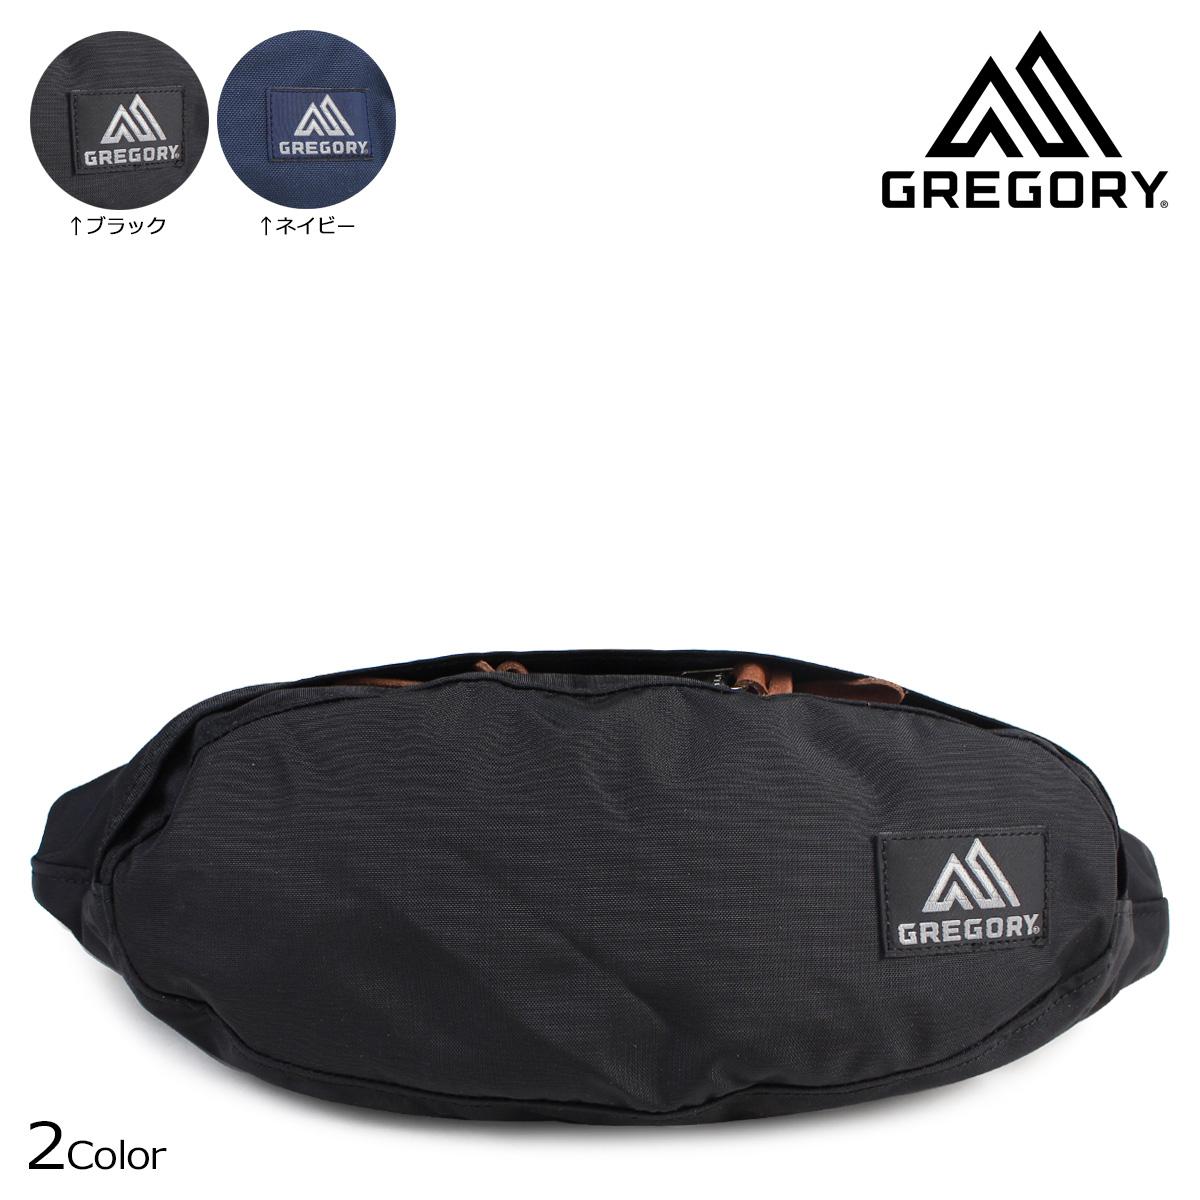 グレゴリー GREGORY ボディバッグ ウエストバッグ テールランナー メンズ レディース 2.5L TAILRUNNER ブラック ネイビー 65238